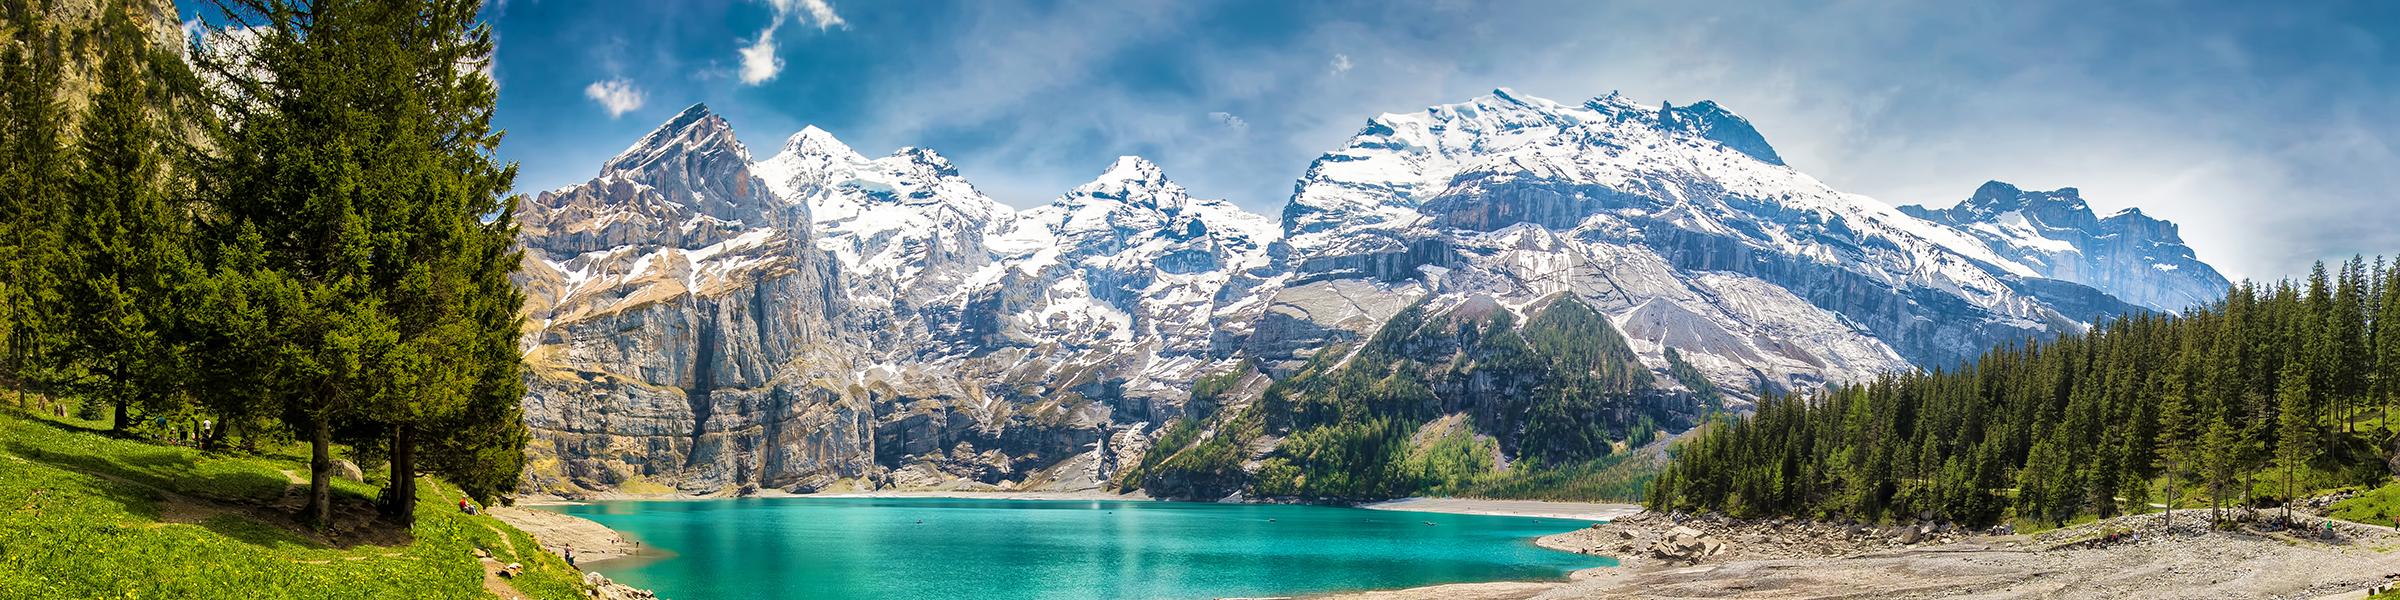 Switzerland Oeschinen Lake